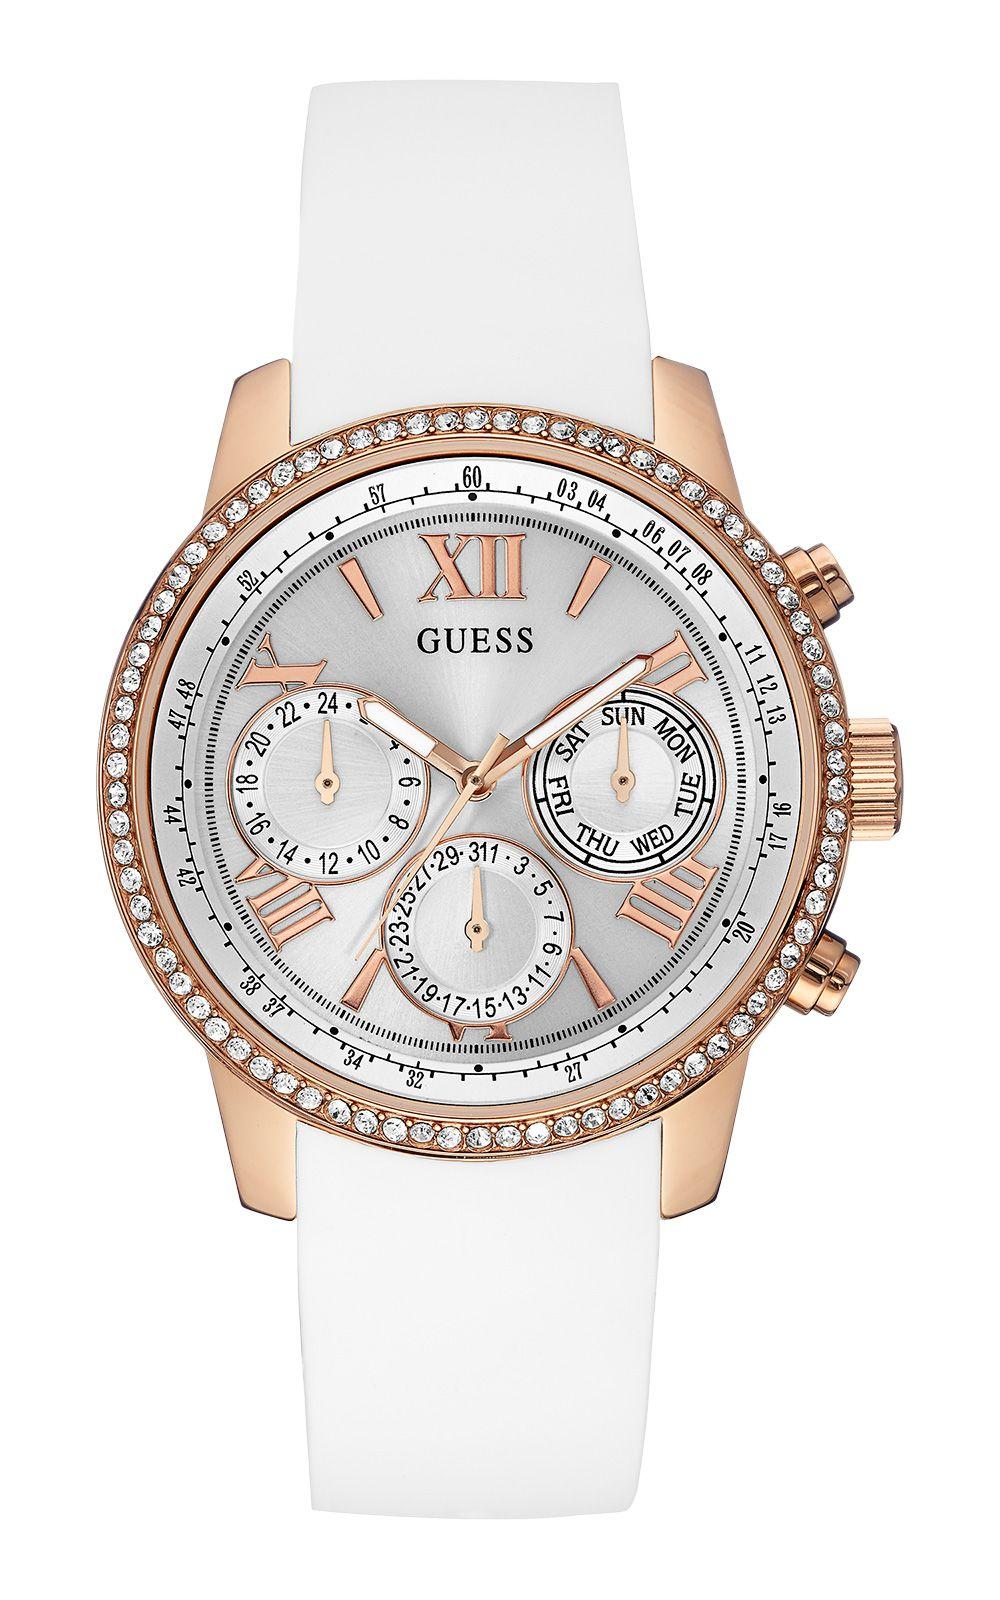 Γυναικείο ρολόι GUESS W0616L1 διαμέτρου 42mm aa7862846db